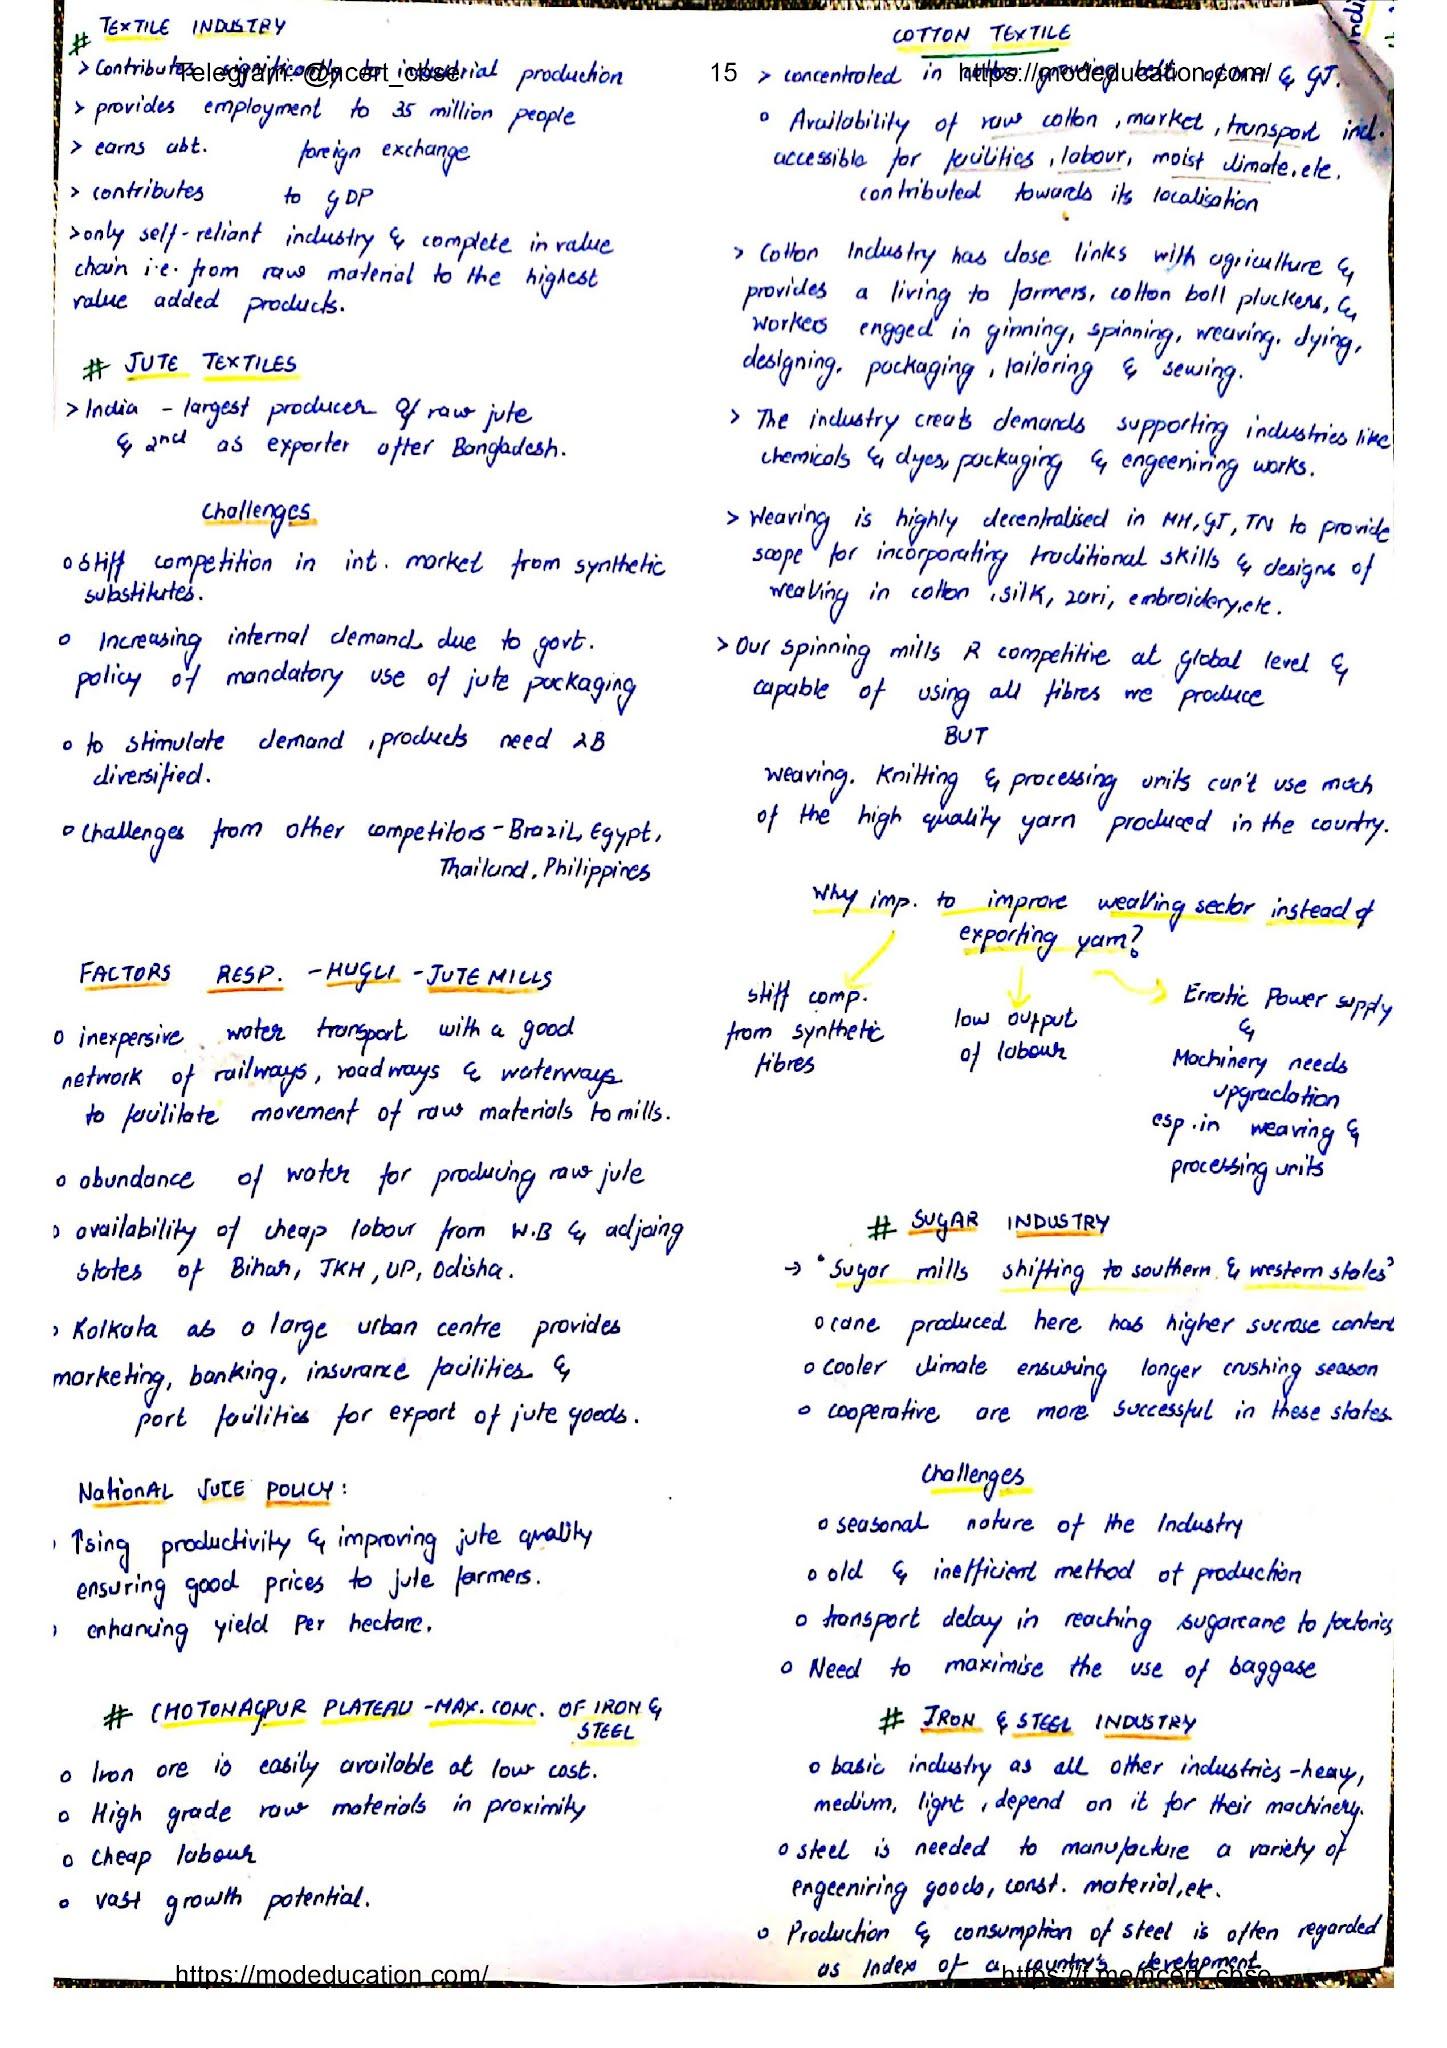 Class 10 Geography Handwritten Notes, class 10 geography chapter 1 handwritten notes